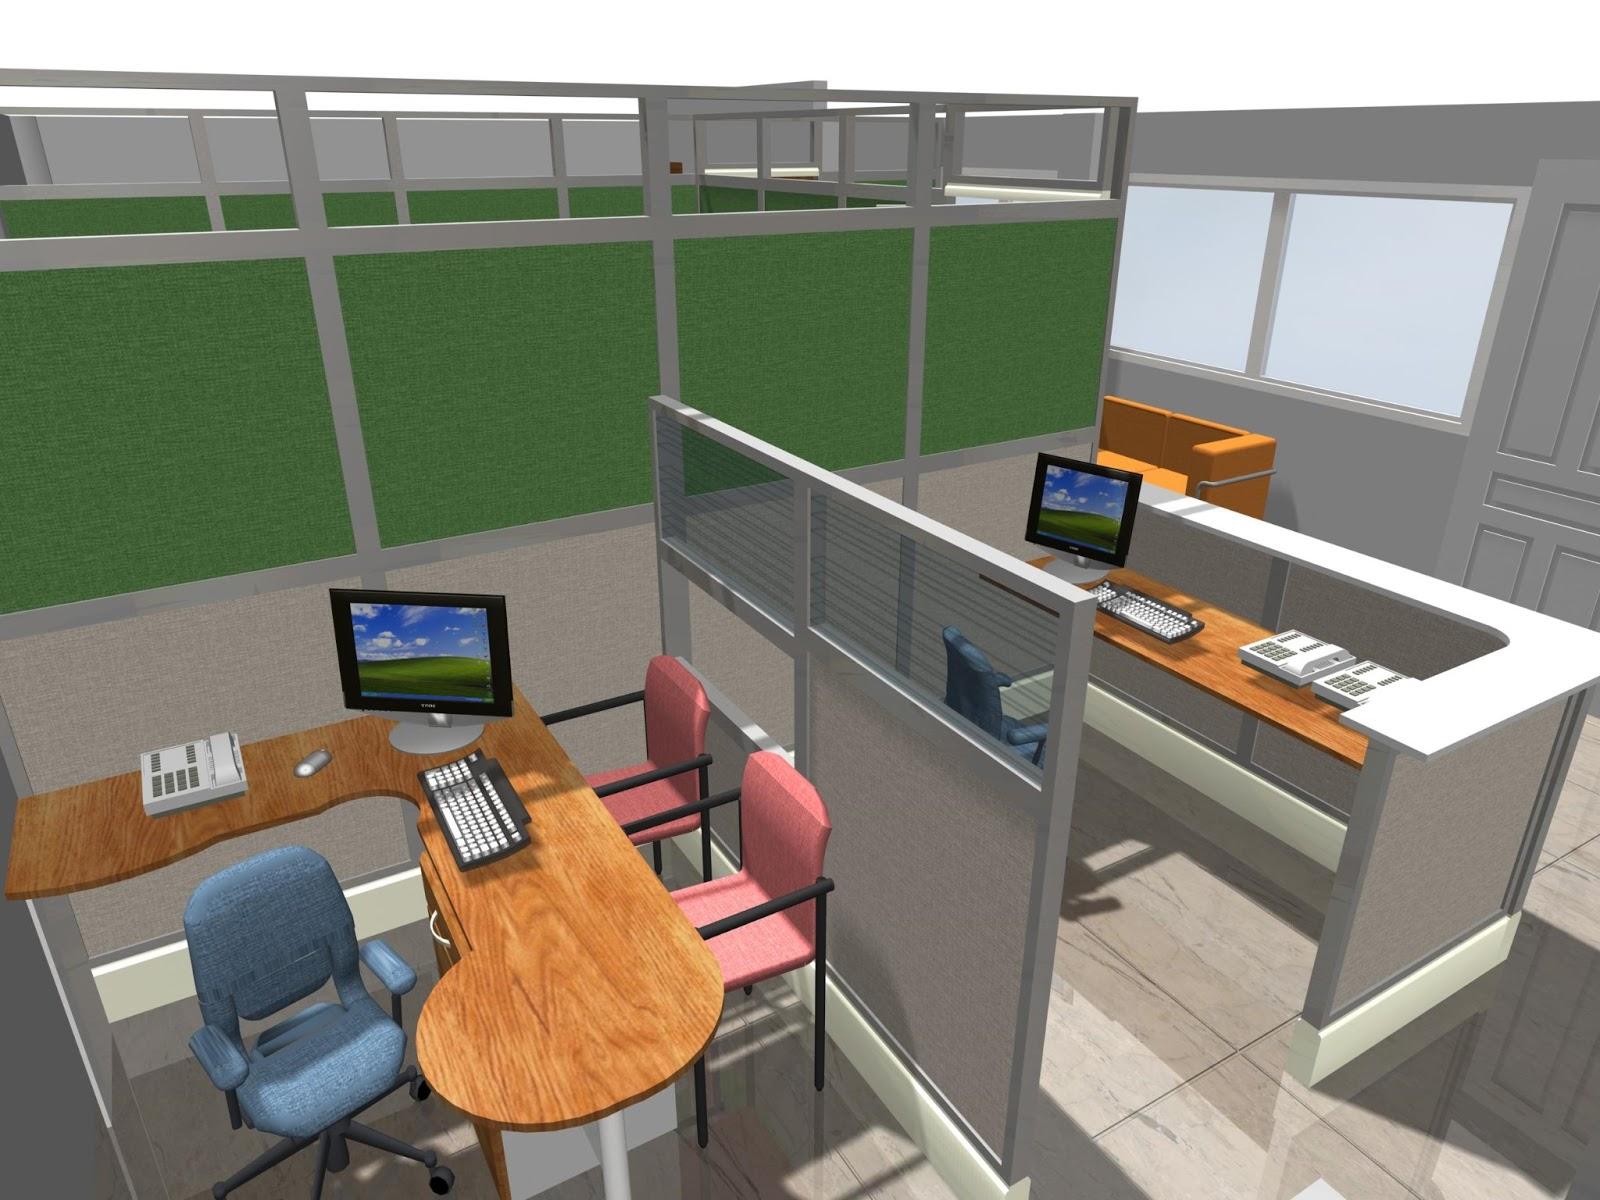 Dise os de oficinas dise o interiorismo construccion for Planos de oficinas administrativas